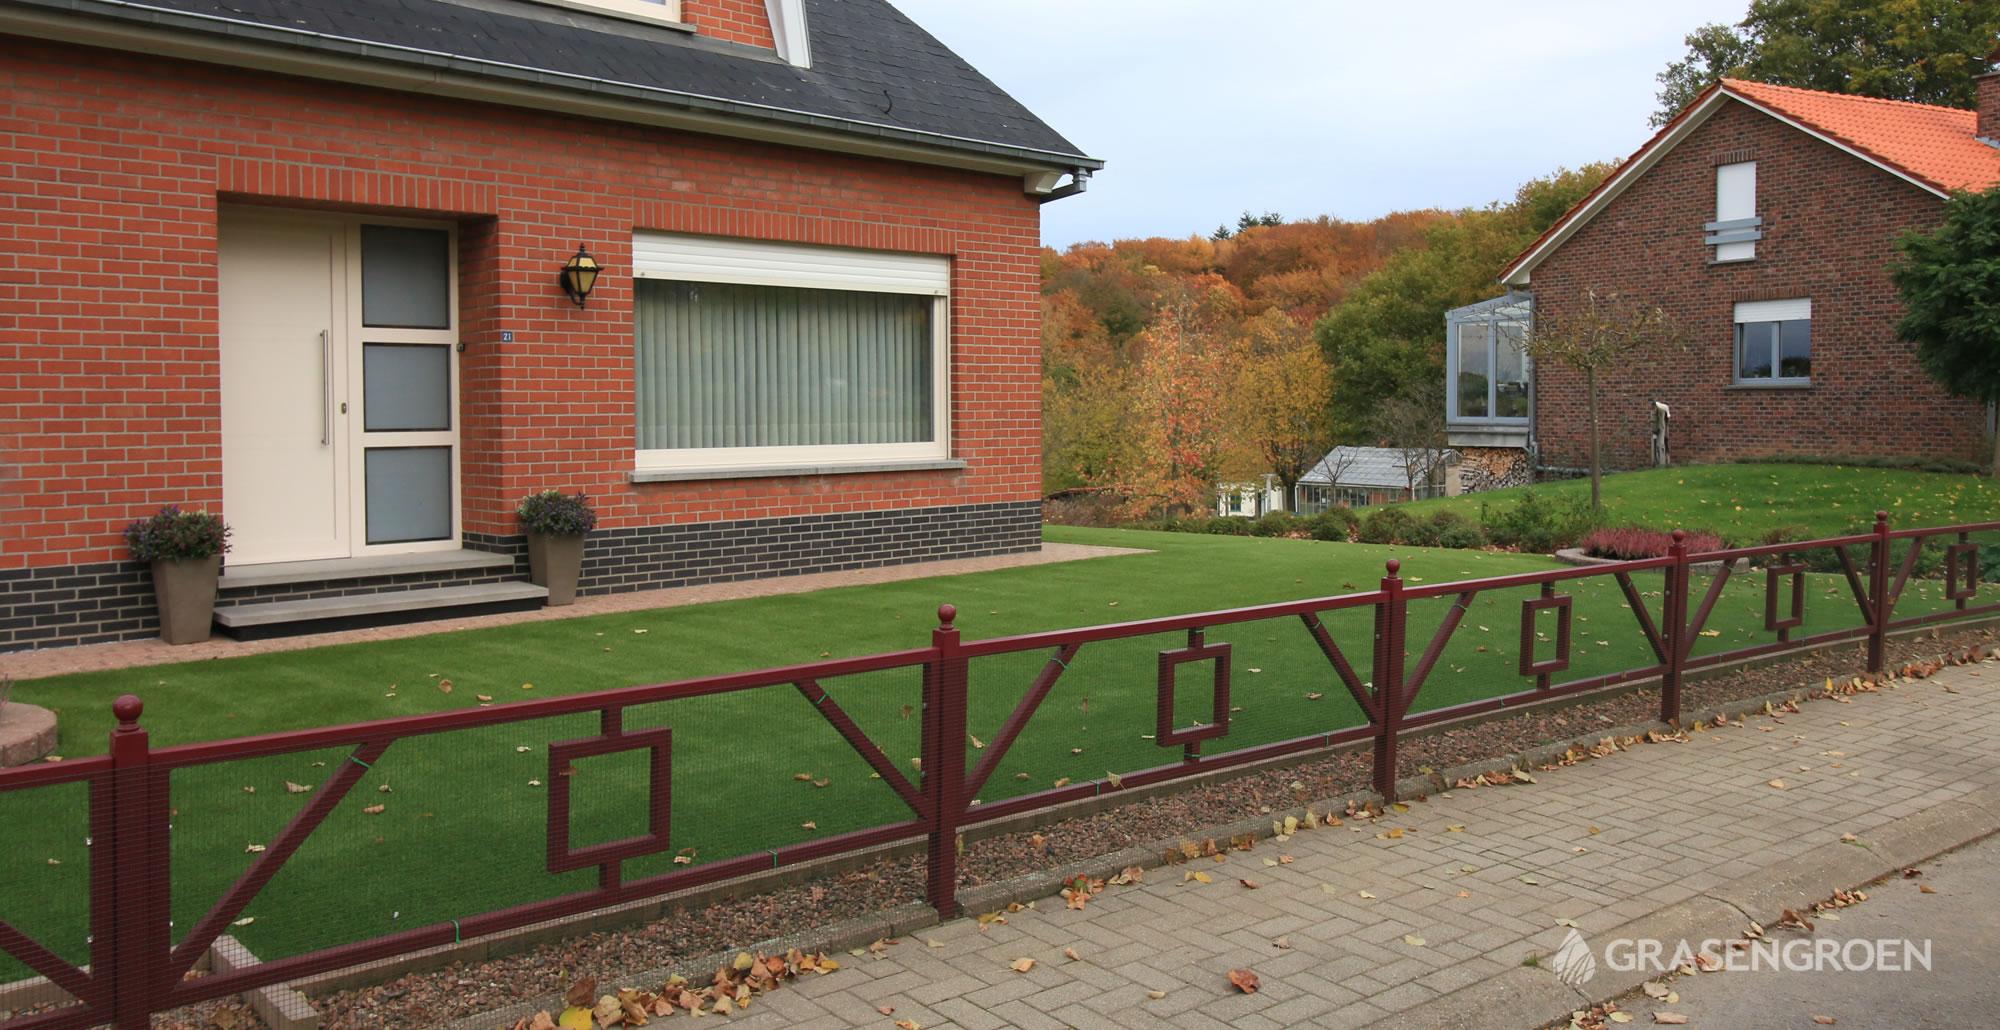 Kunstgrasleggensintjorisweert13 • Gras en Groen Kunstgras